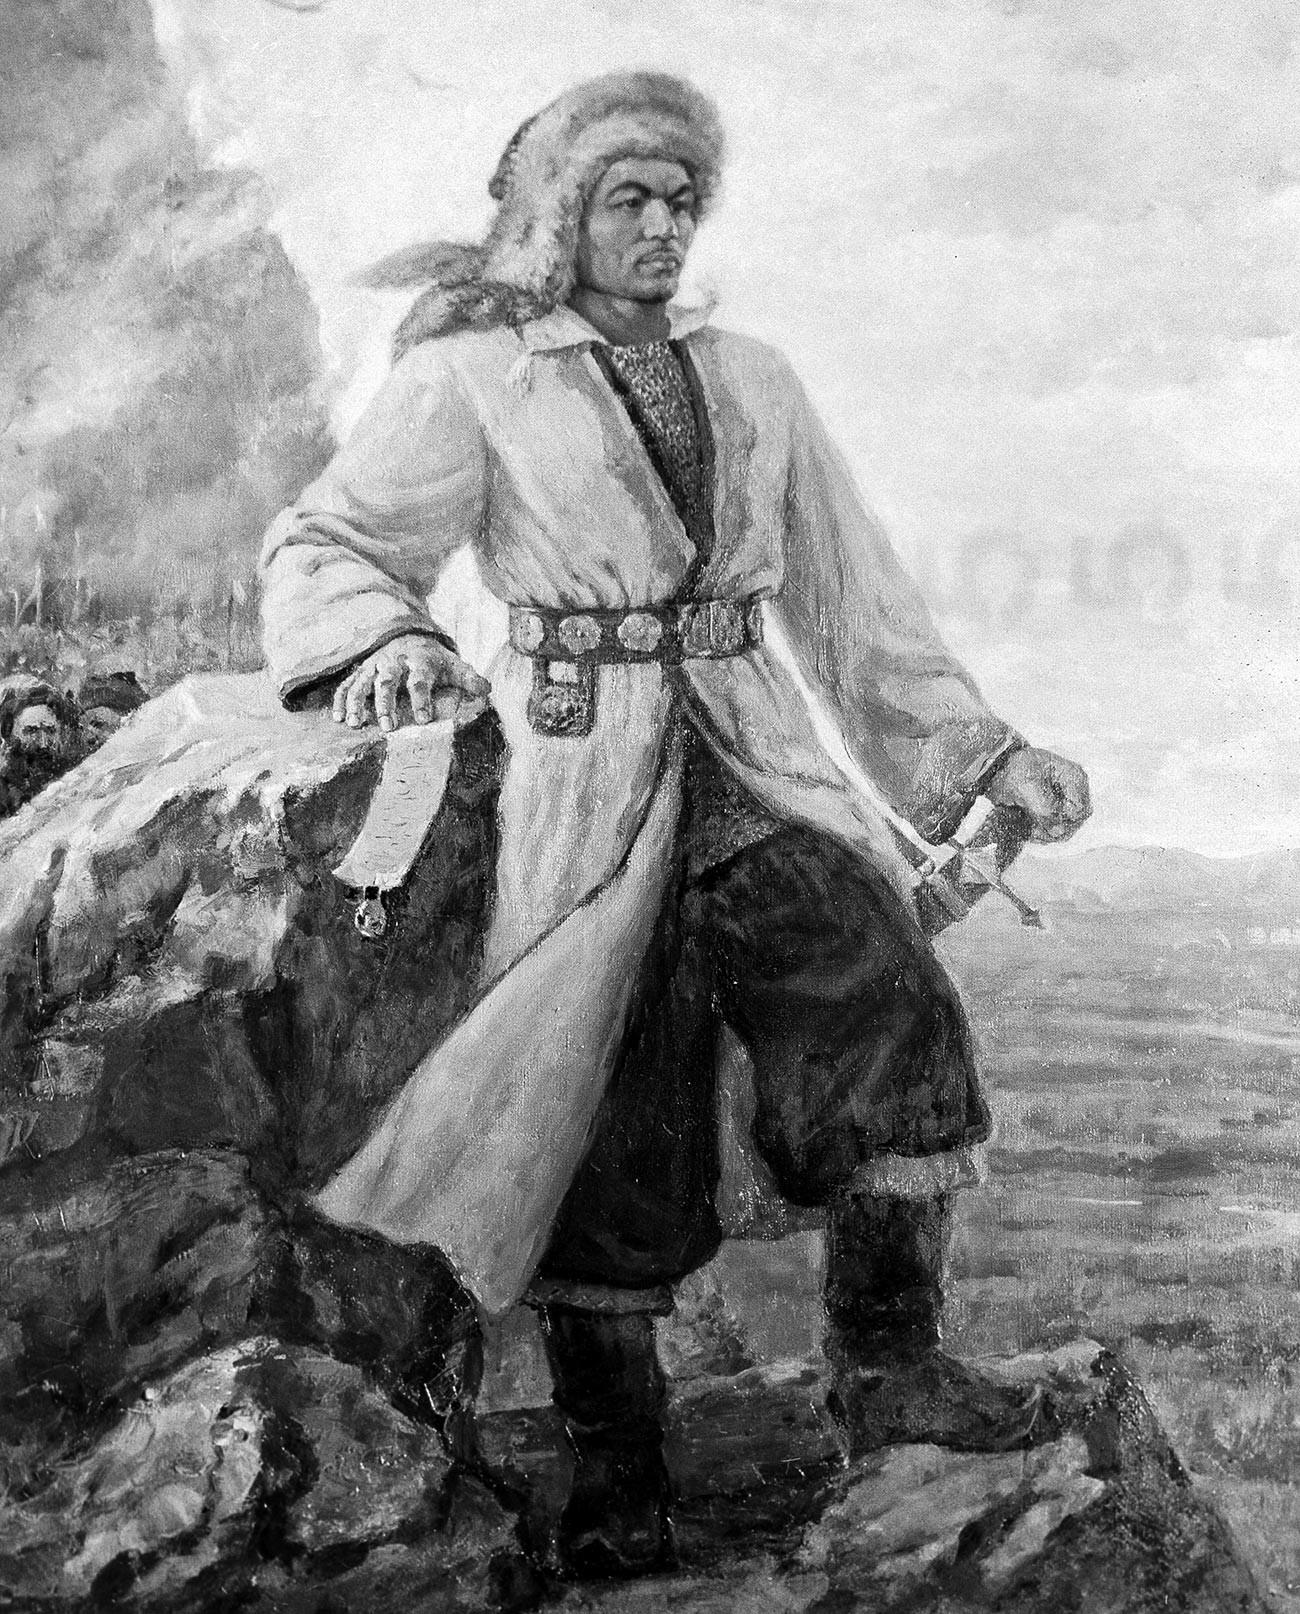 Il primo ritratto in assoluto di Salavat Julaev nell'arte baschira, disegnato da Gabdulla Mustafin nel 1957. Riproduzione